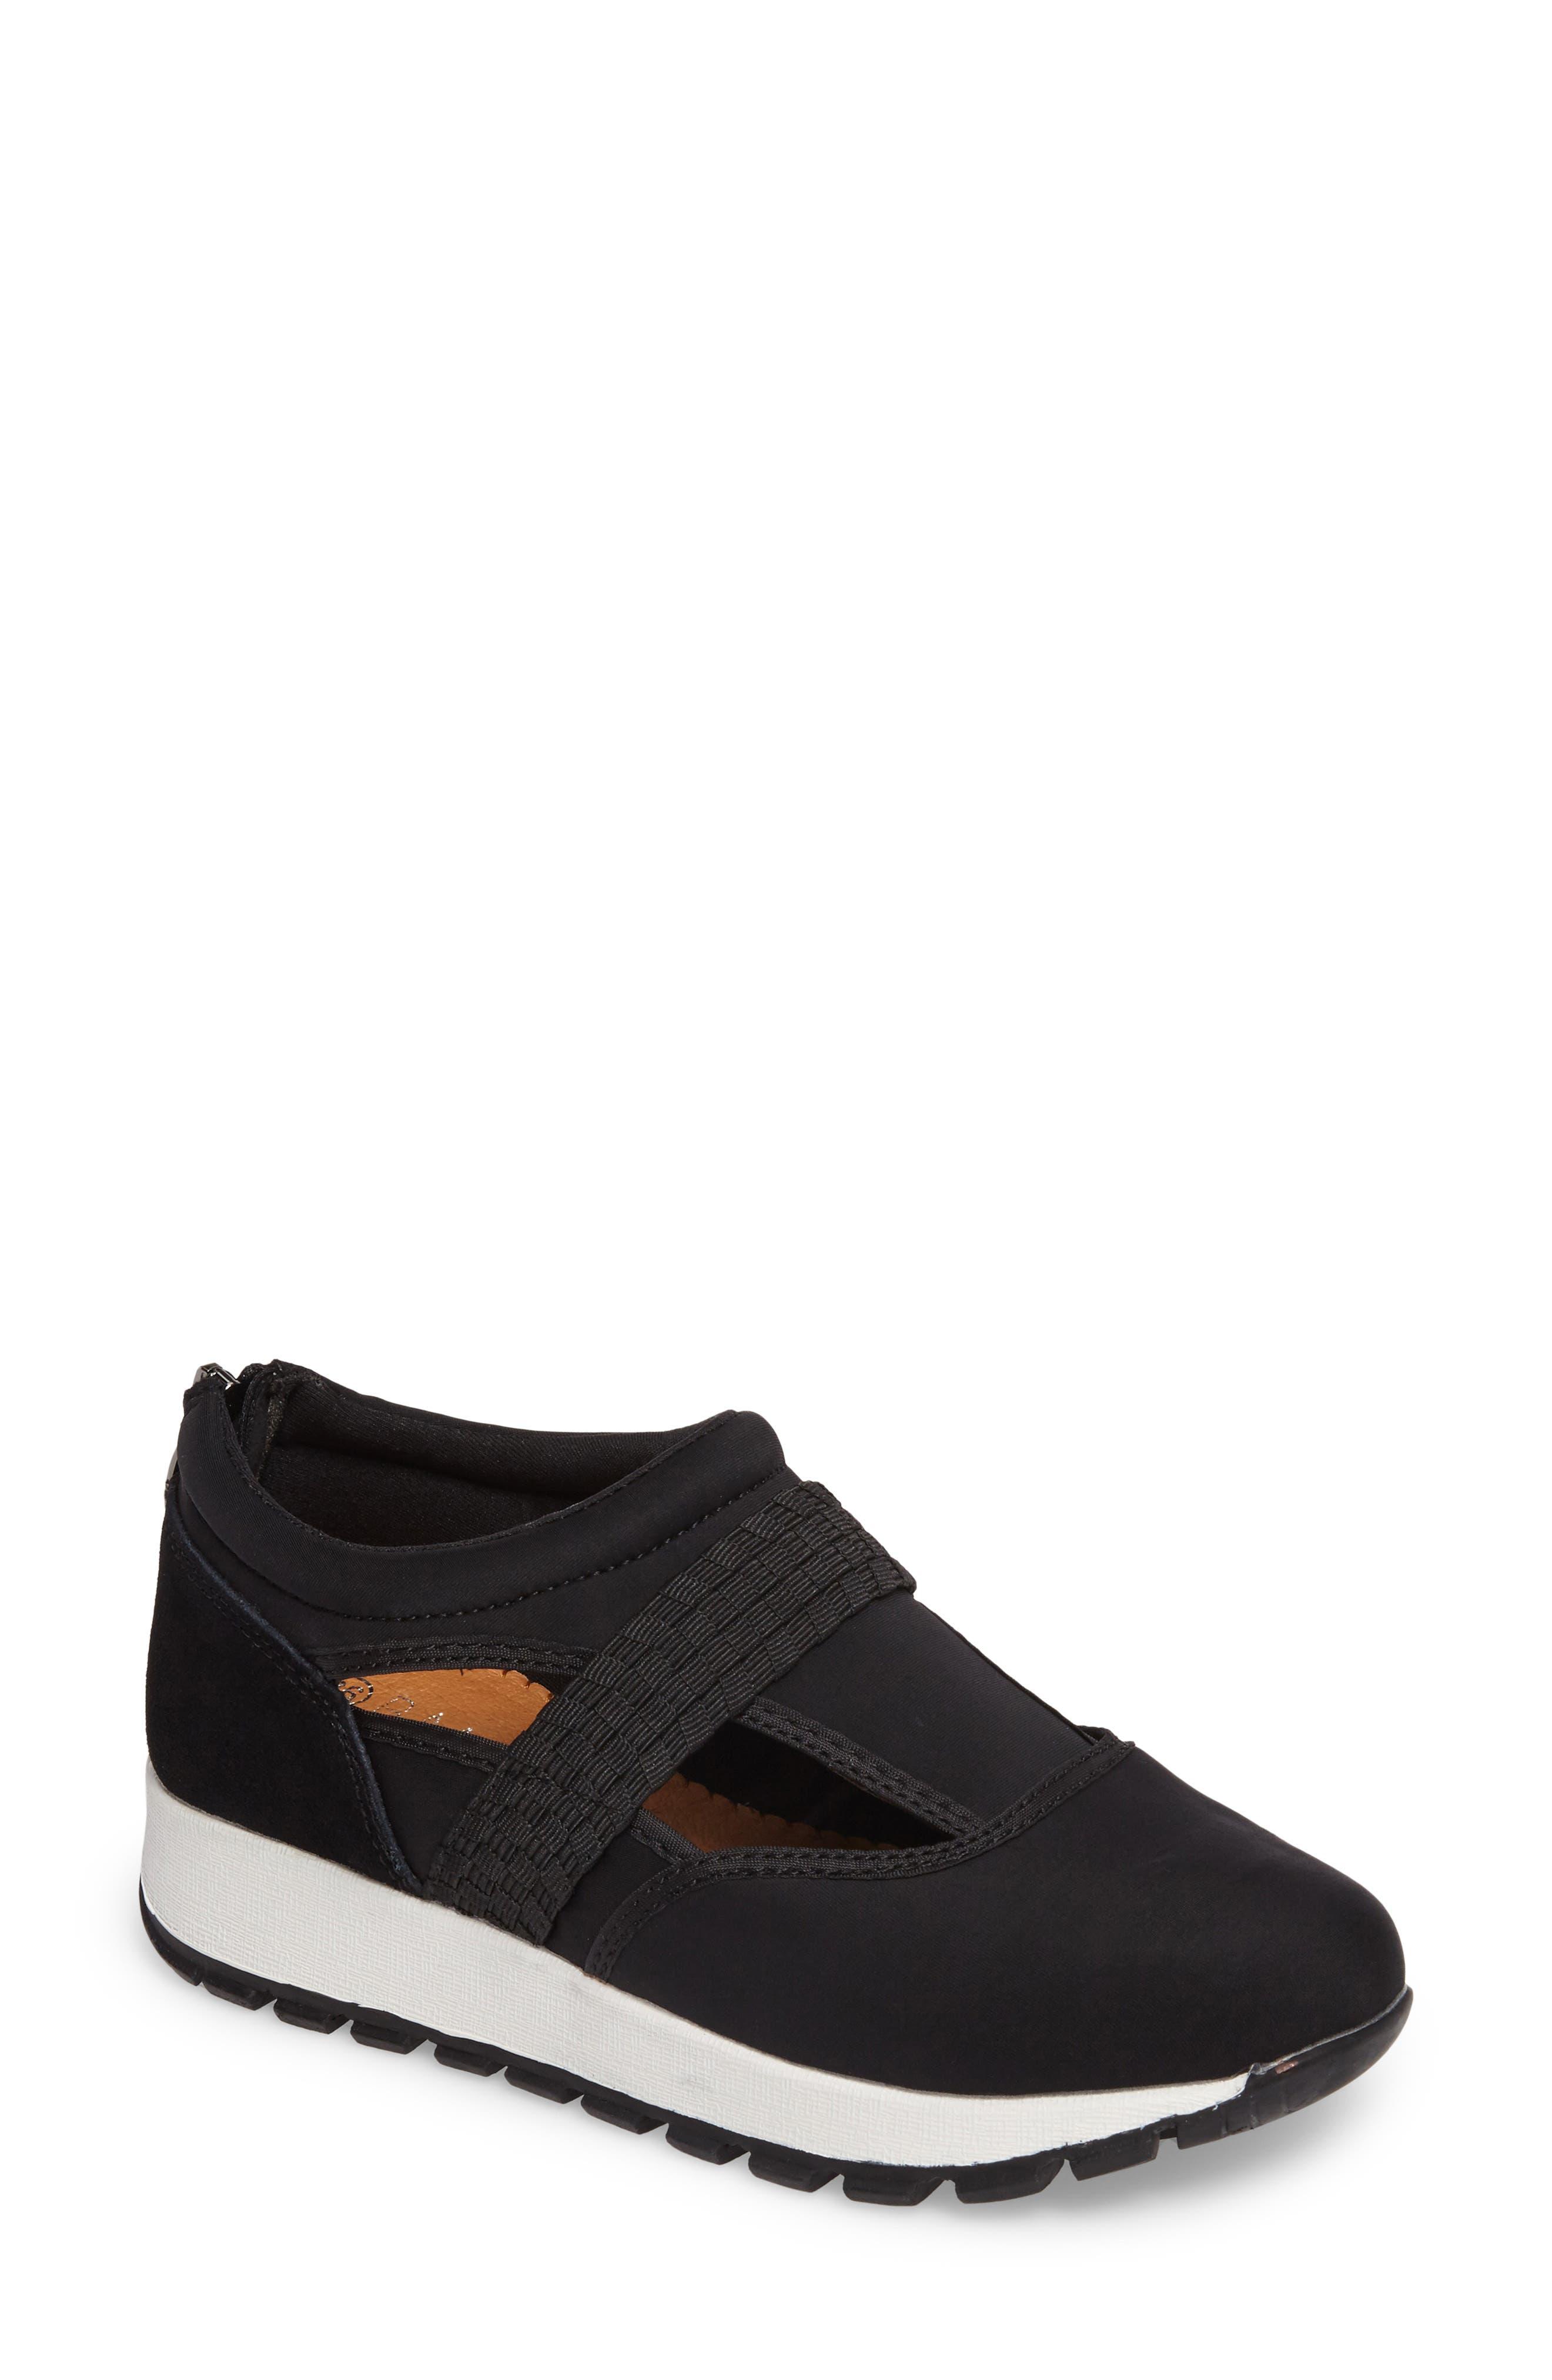 1e965f8da16 Bernie Mev Janelle Sneaker